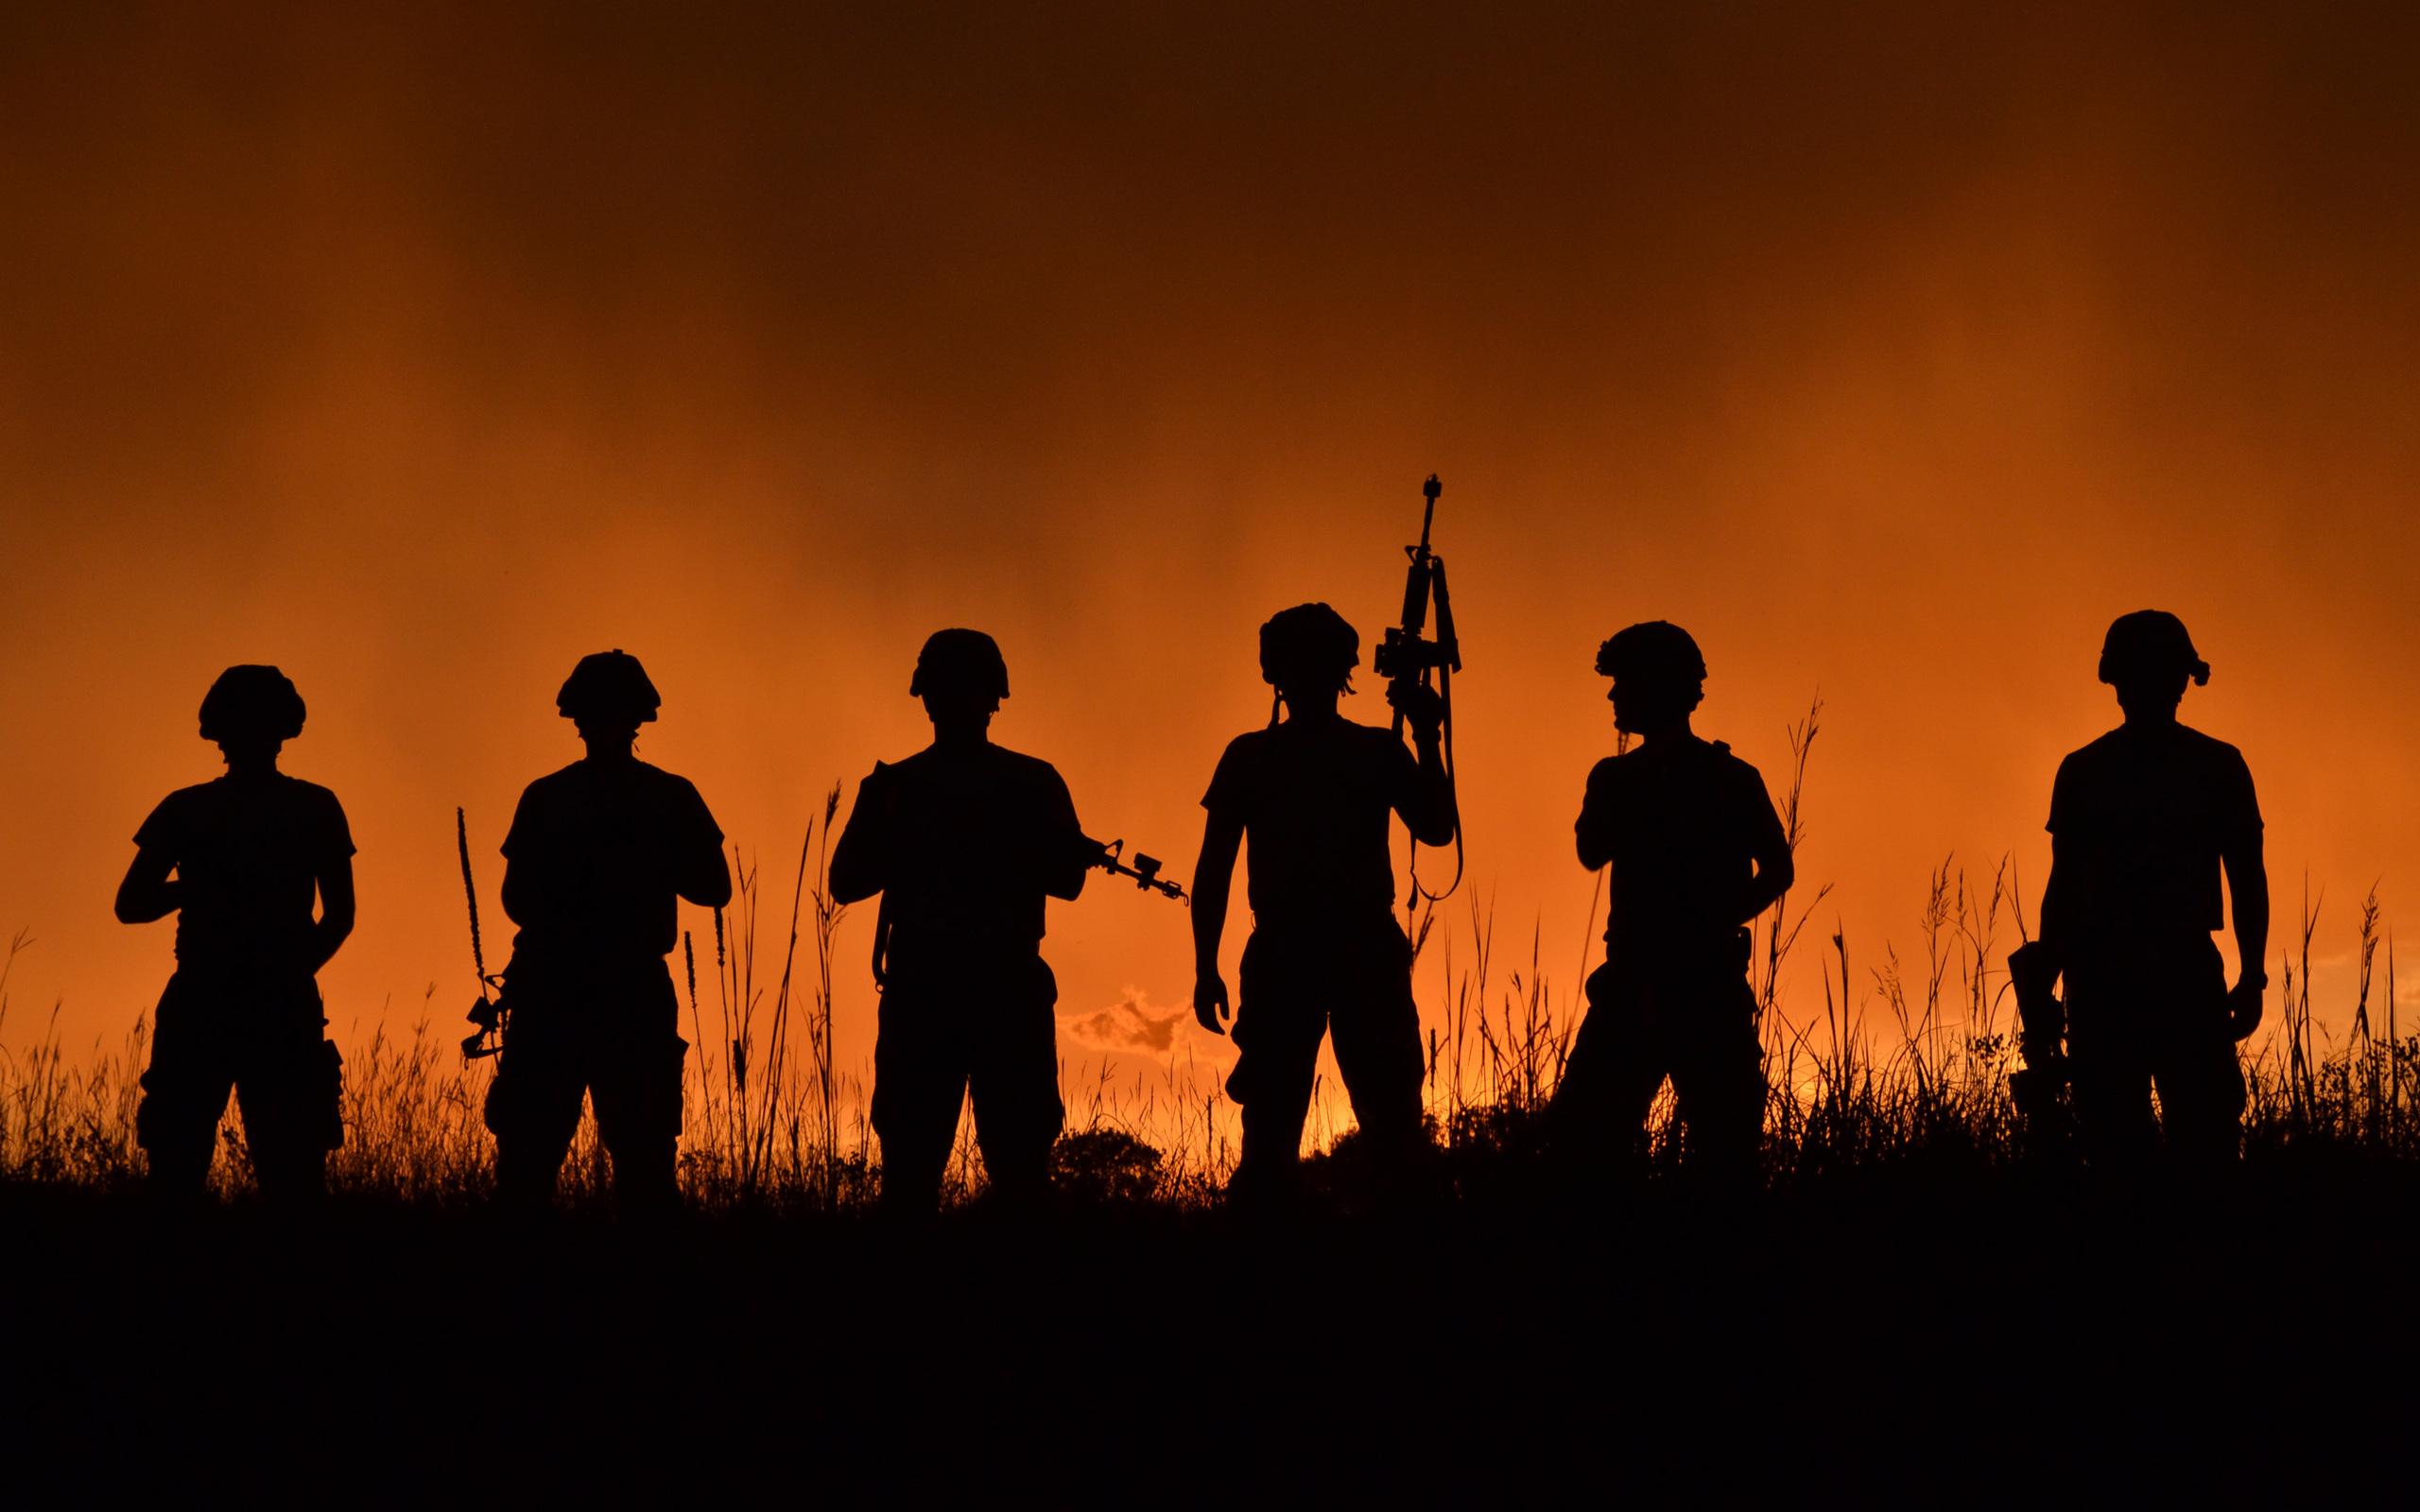 Kargil war, Soldiers, Heroism, Bravery